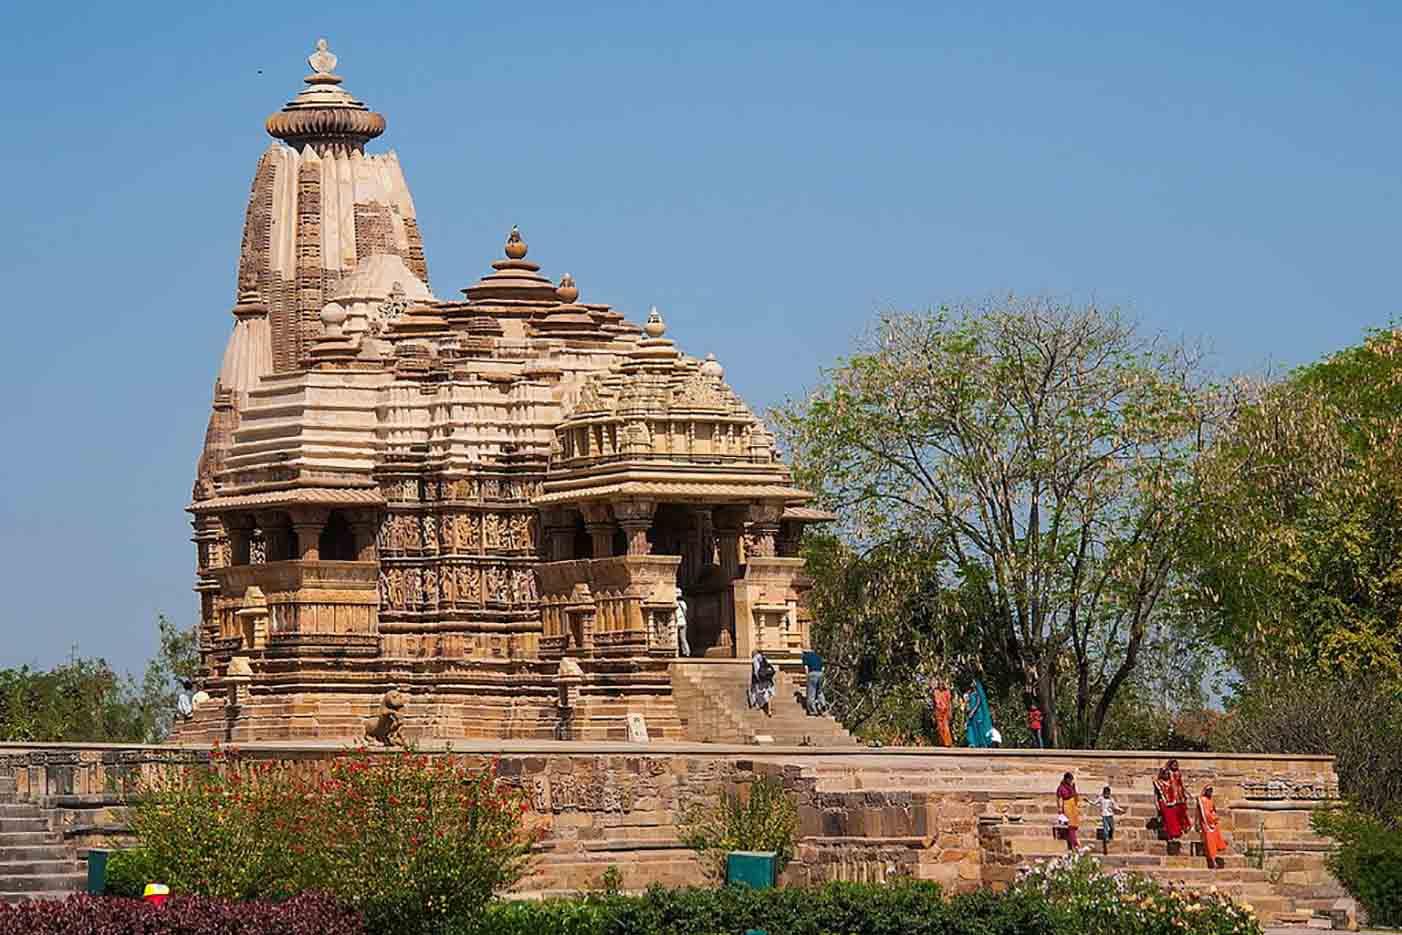 Храмы Кхаджурахо, Khajuraho Temples - 10